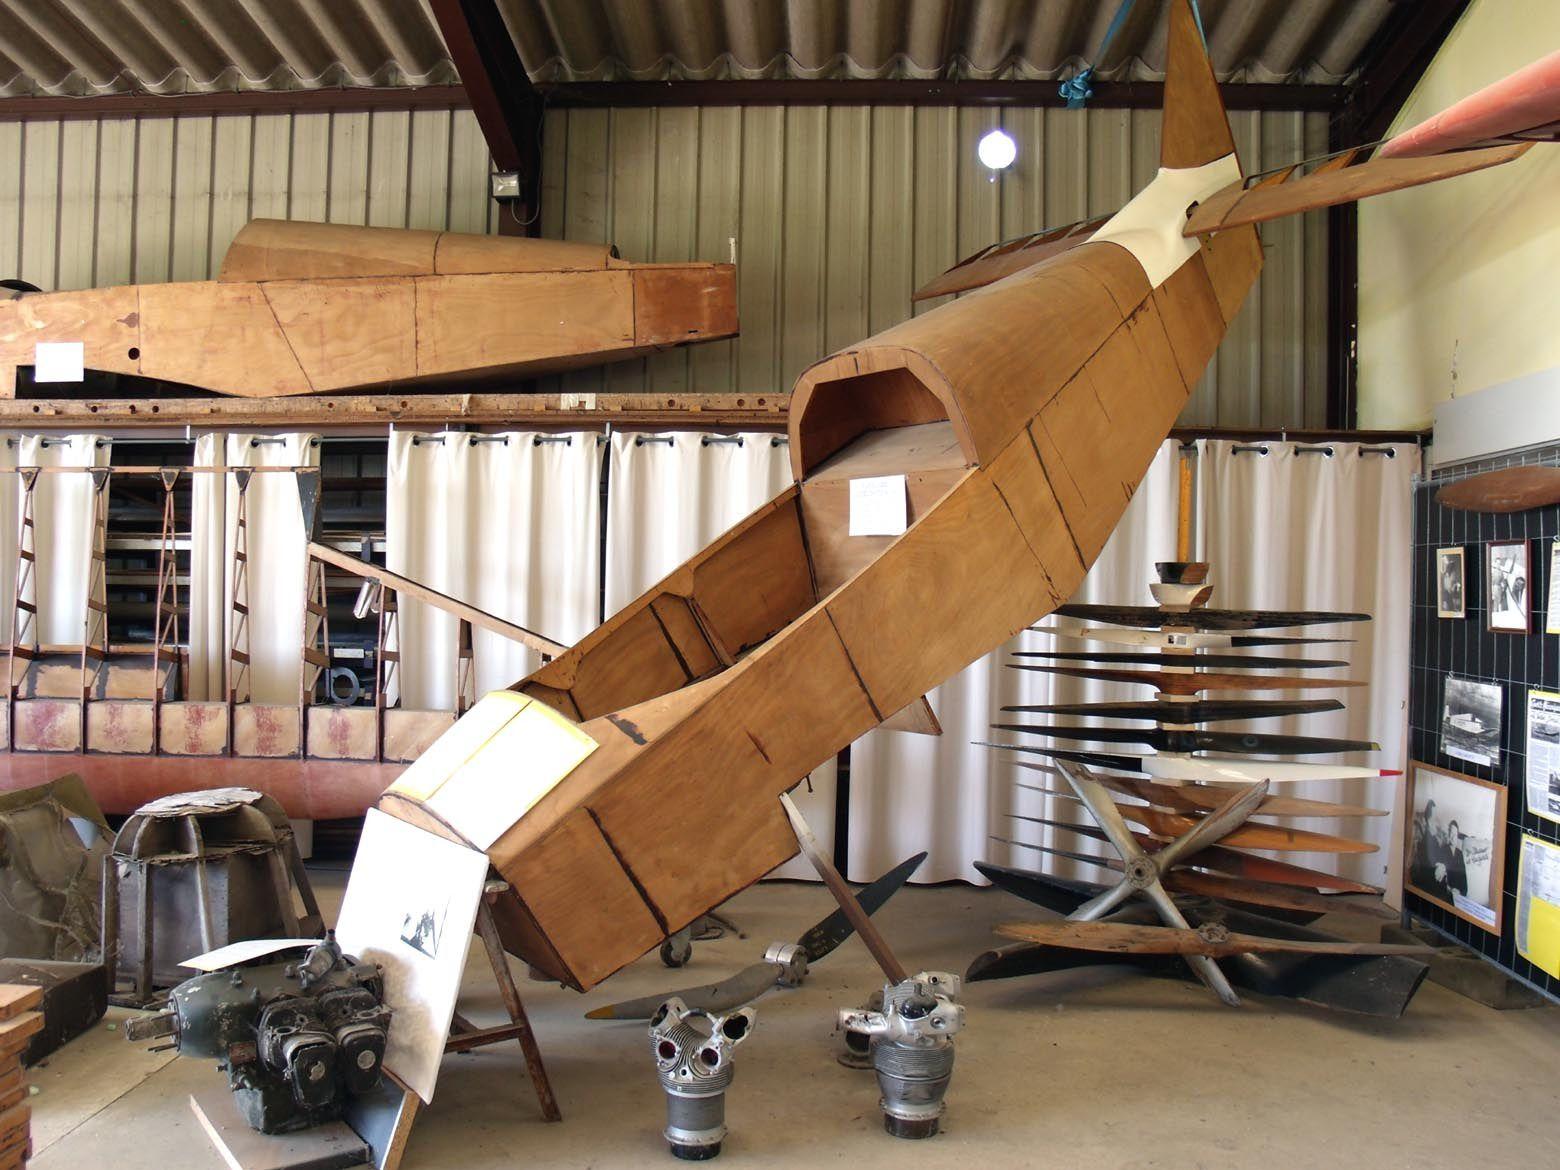 Fuselage du Jodel D-173 N°01 quadriplace étudié en 1976 par Jean Delemontez.